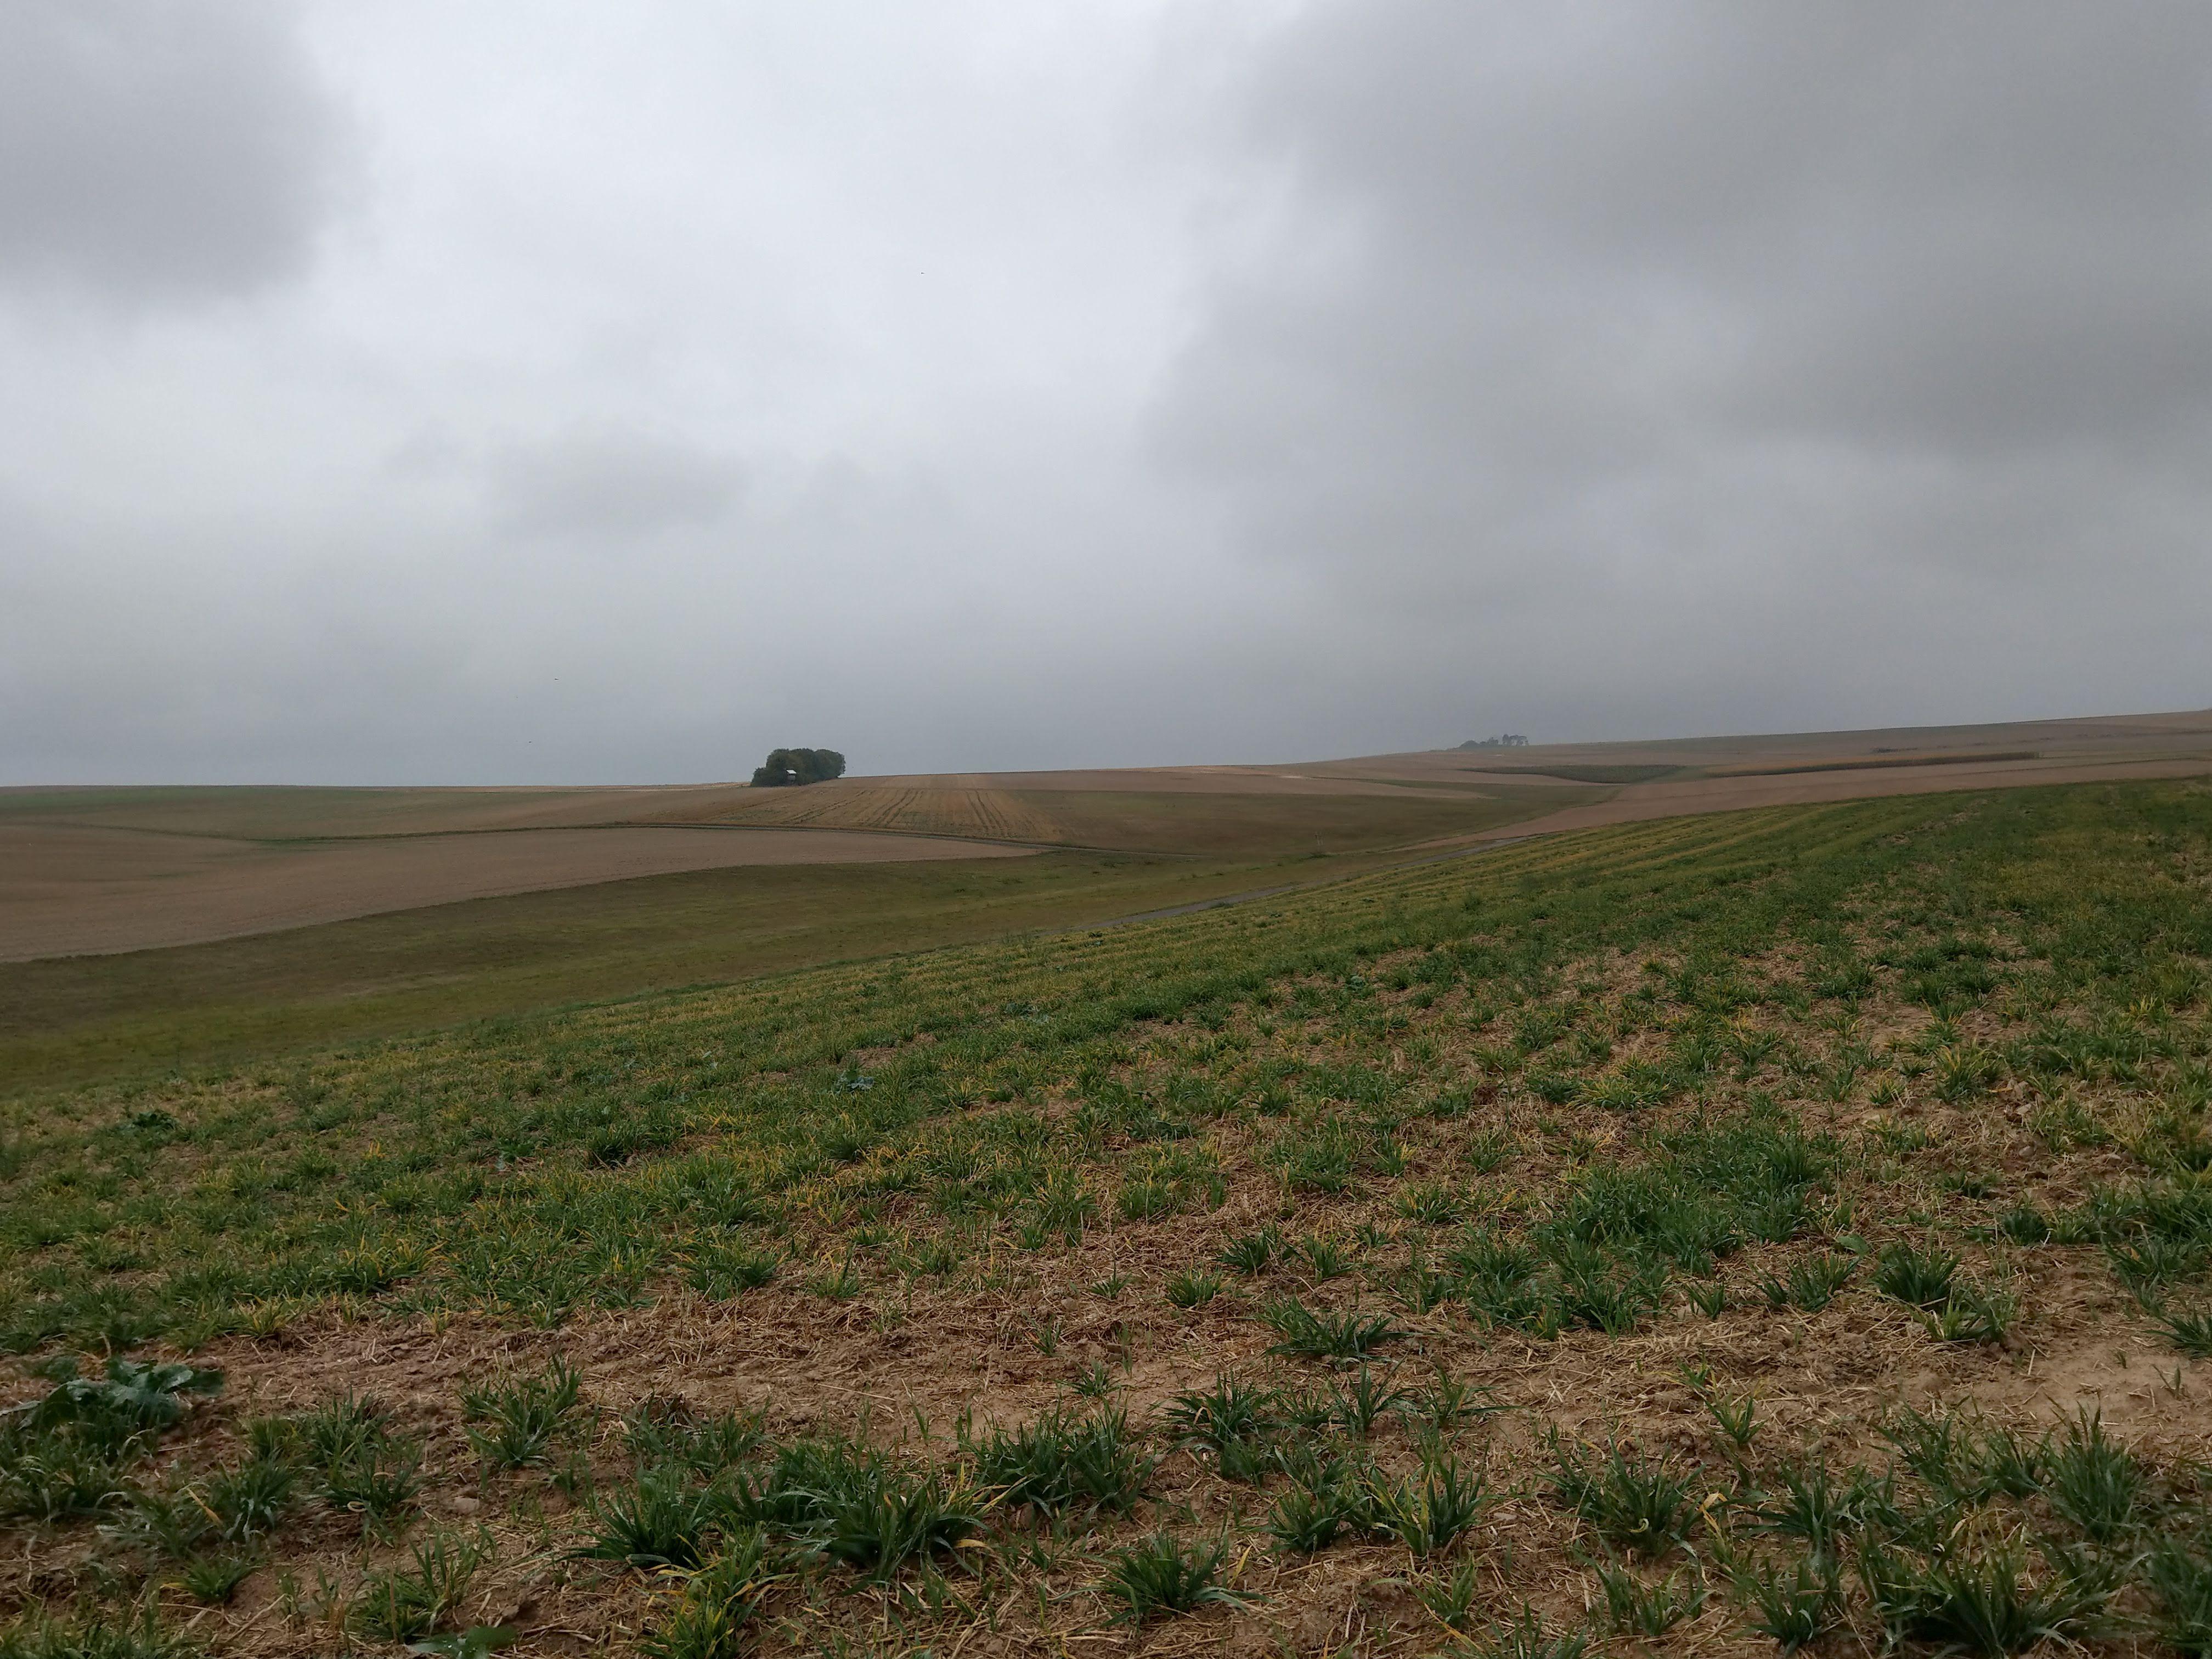 Regenwolken hängen über der Landschaft